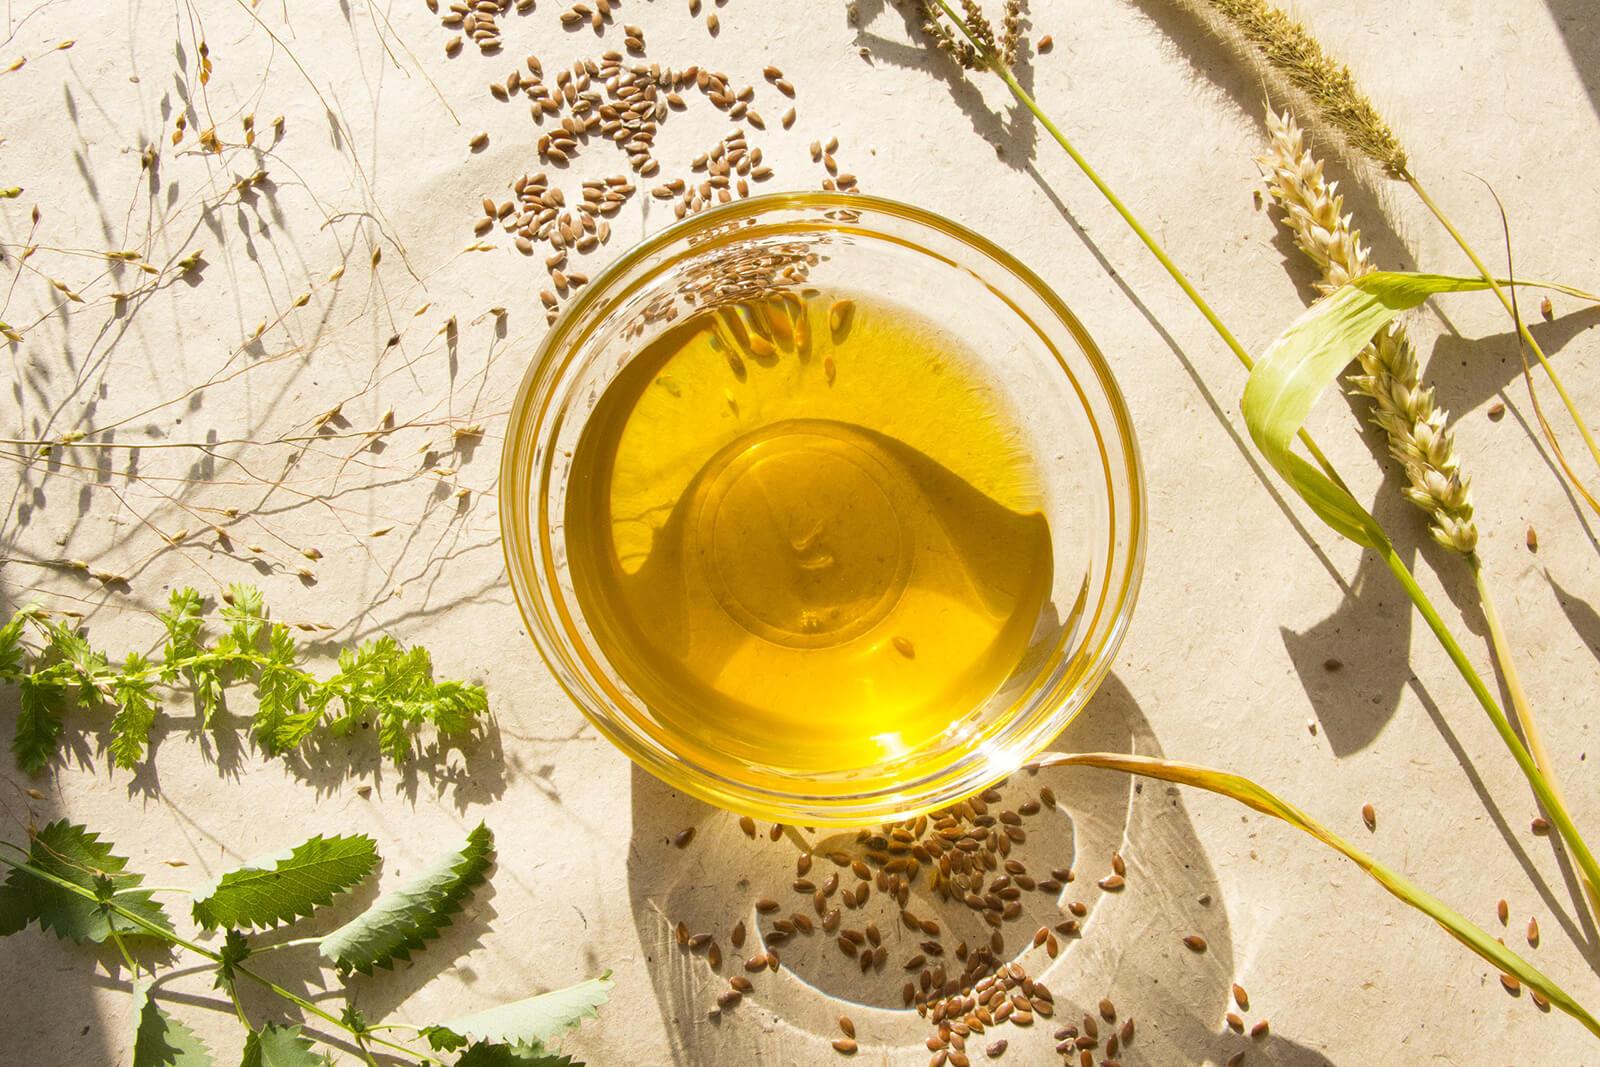 Как пить льняное масло в лечебных